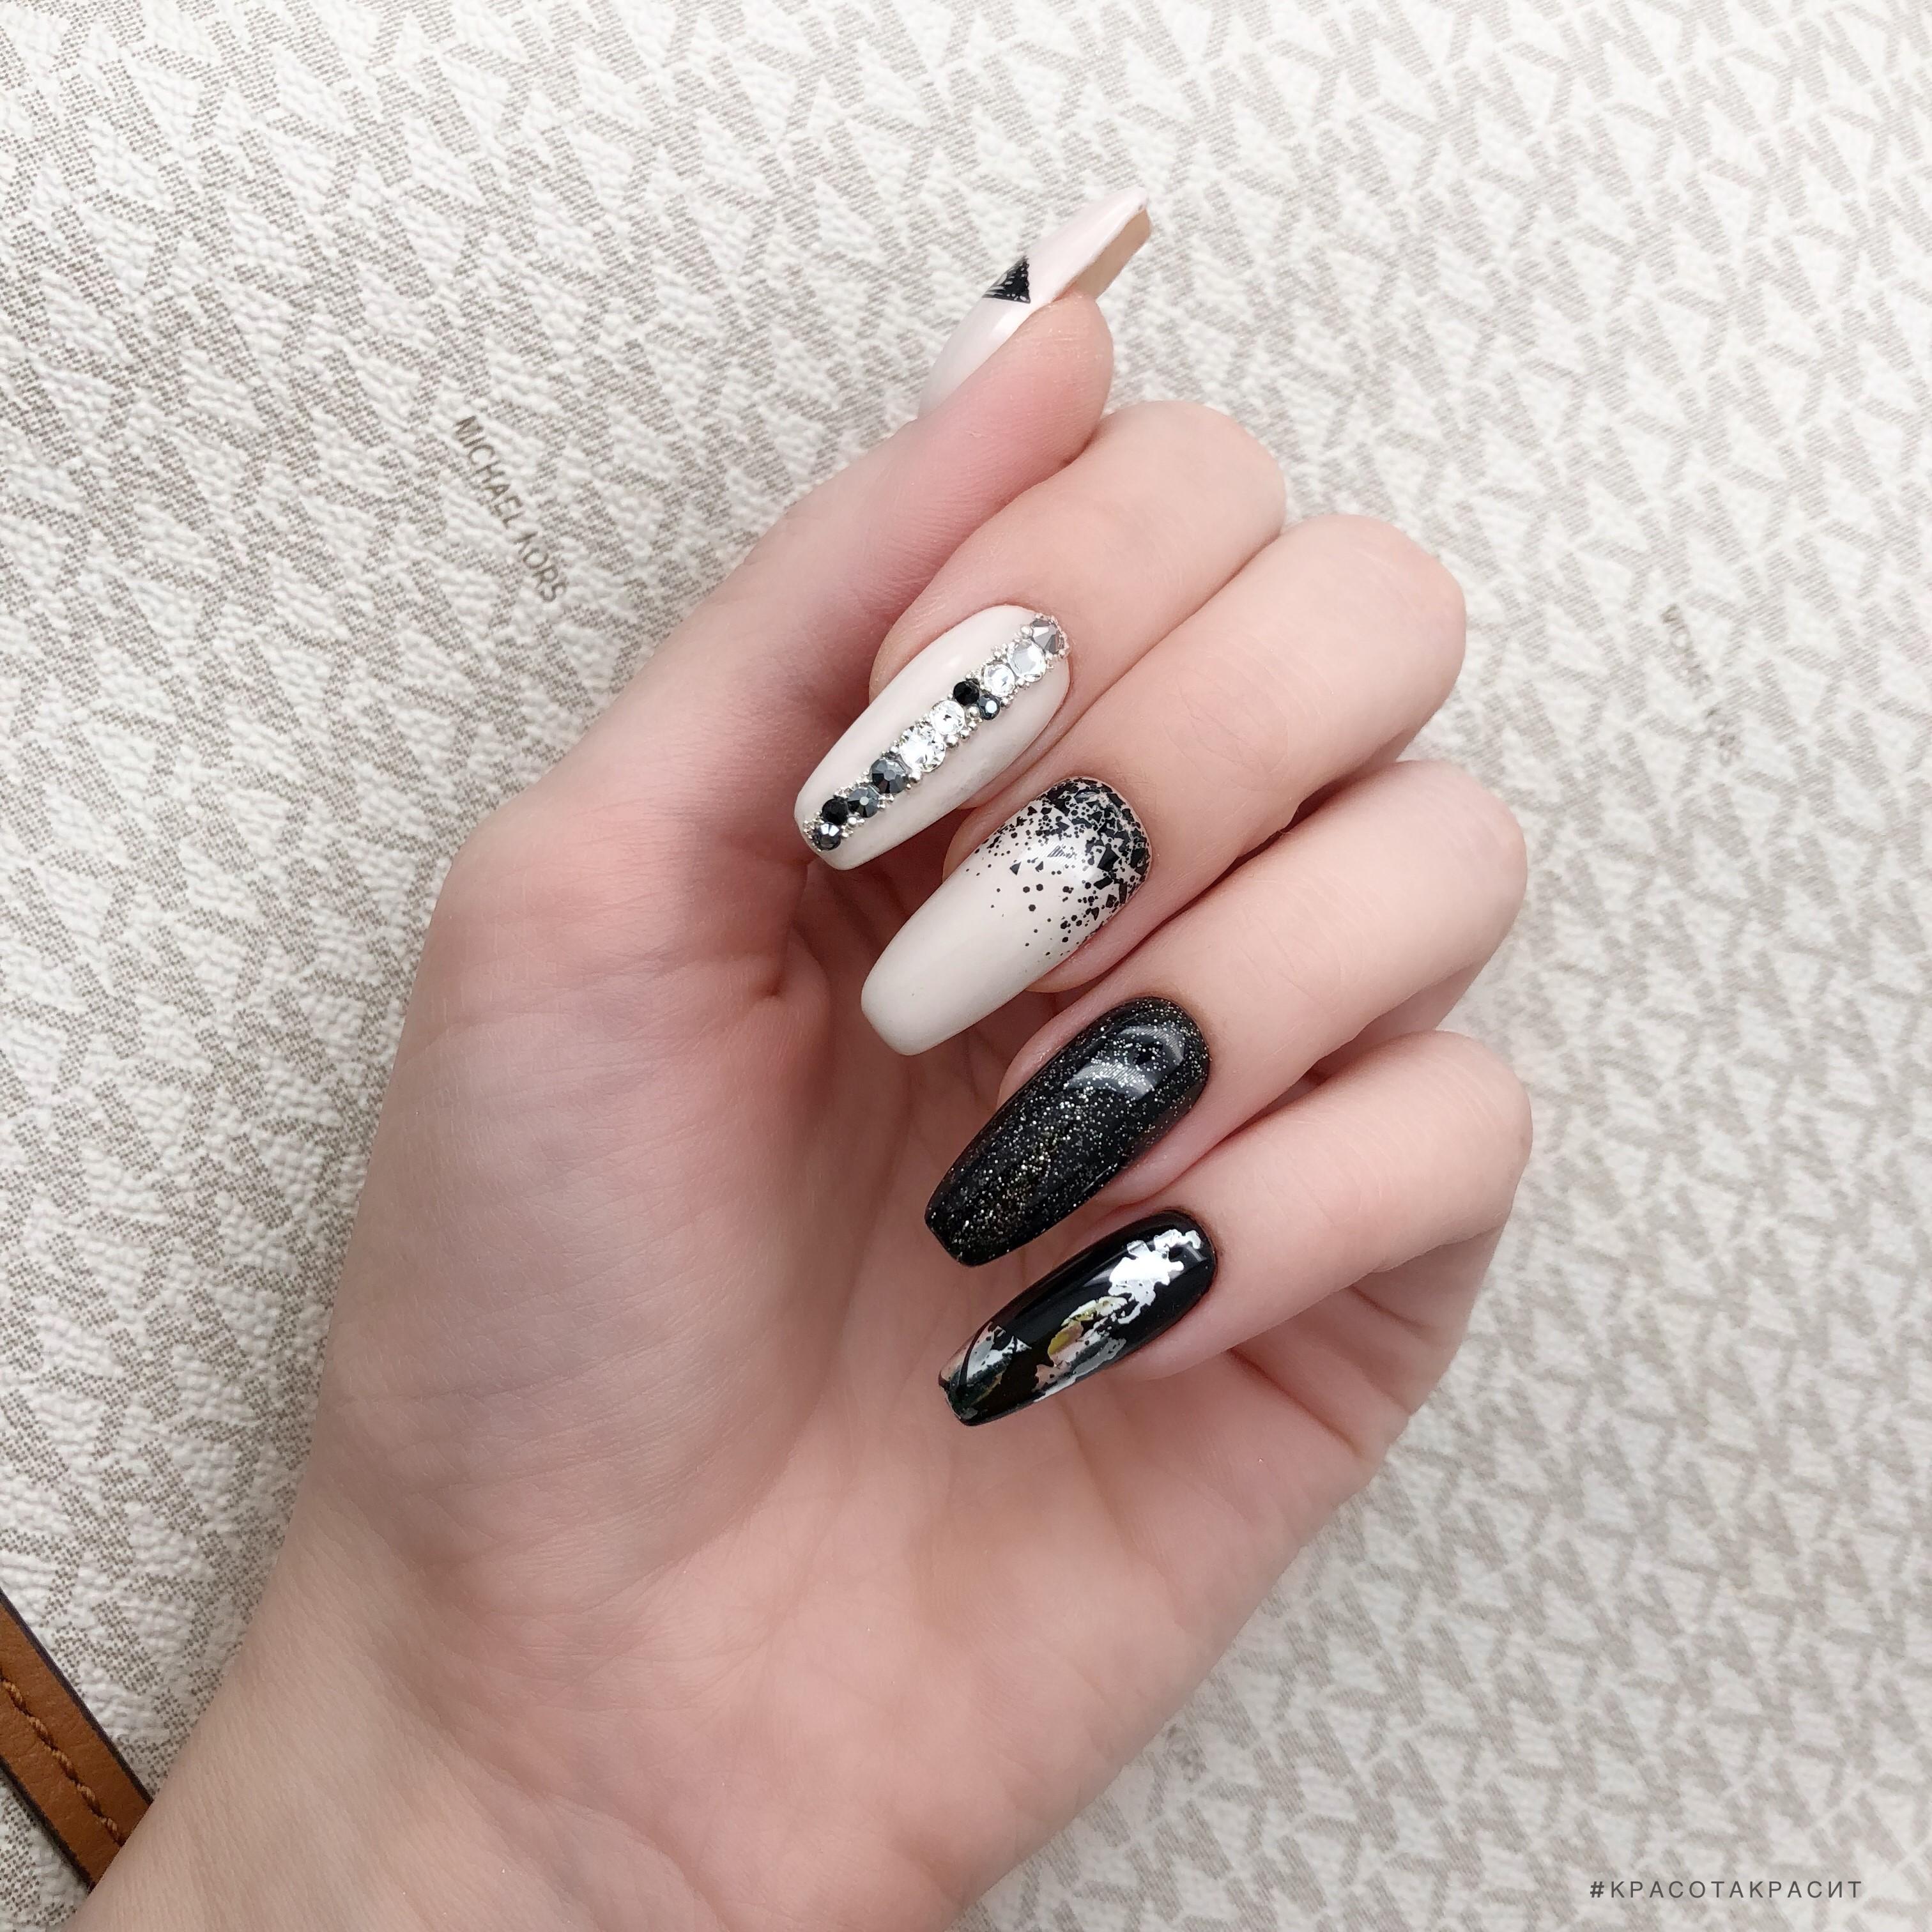 Маникюр с блестками, стразами и серебряной фольгой на длинные ногти.